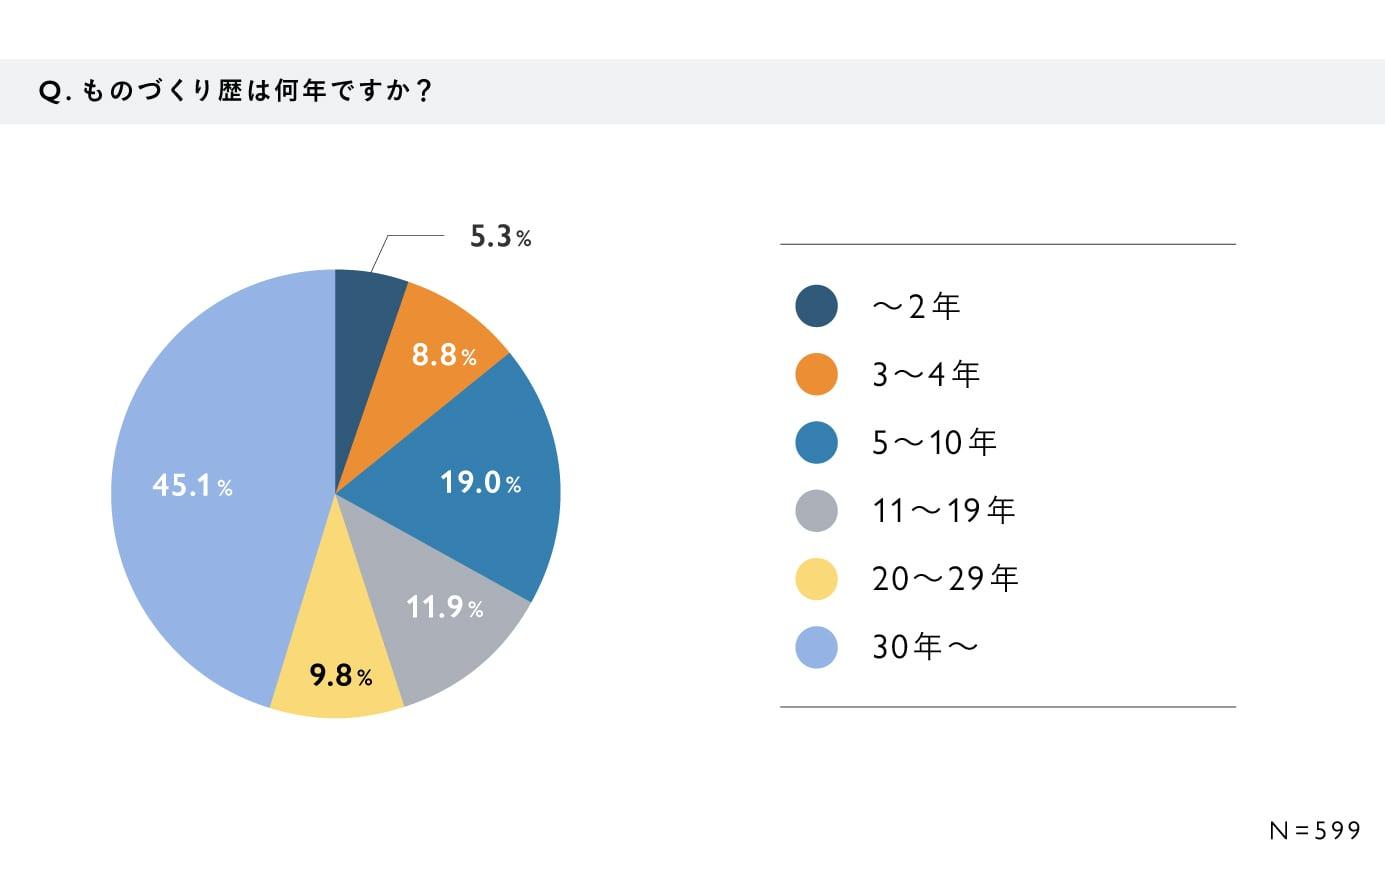 【60歳以上のシニア作家・ブランドに関するアンケート・結果グラフ】Q. ものづくり歴は何年ですか? A. 2年以下:5.3%、3〜4年:8.8%、5〜10年:19.0%、11〜19年:11.9%、20〜29年:9.8%、30年以上:45.1% (N=599)